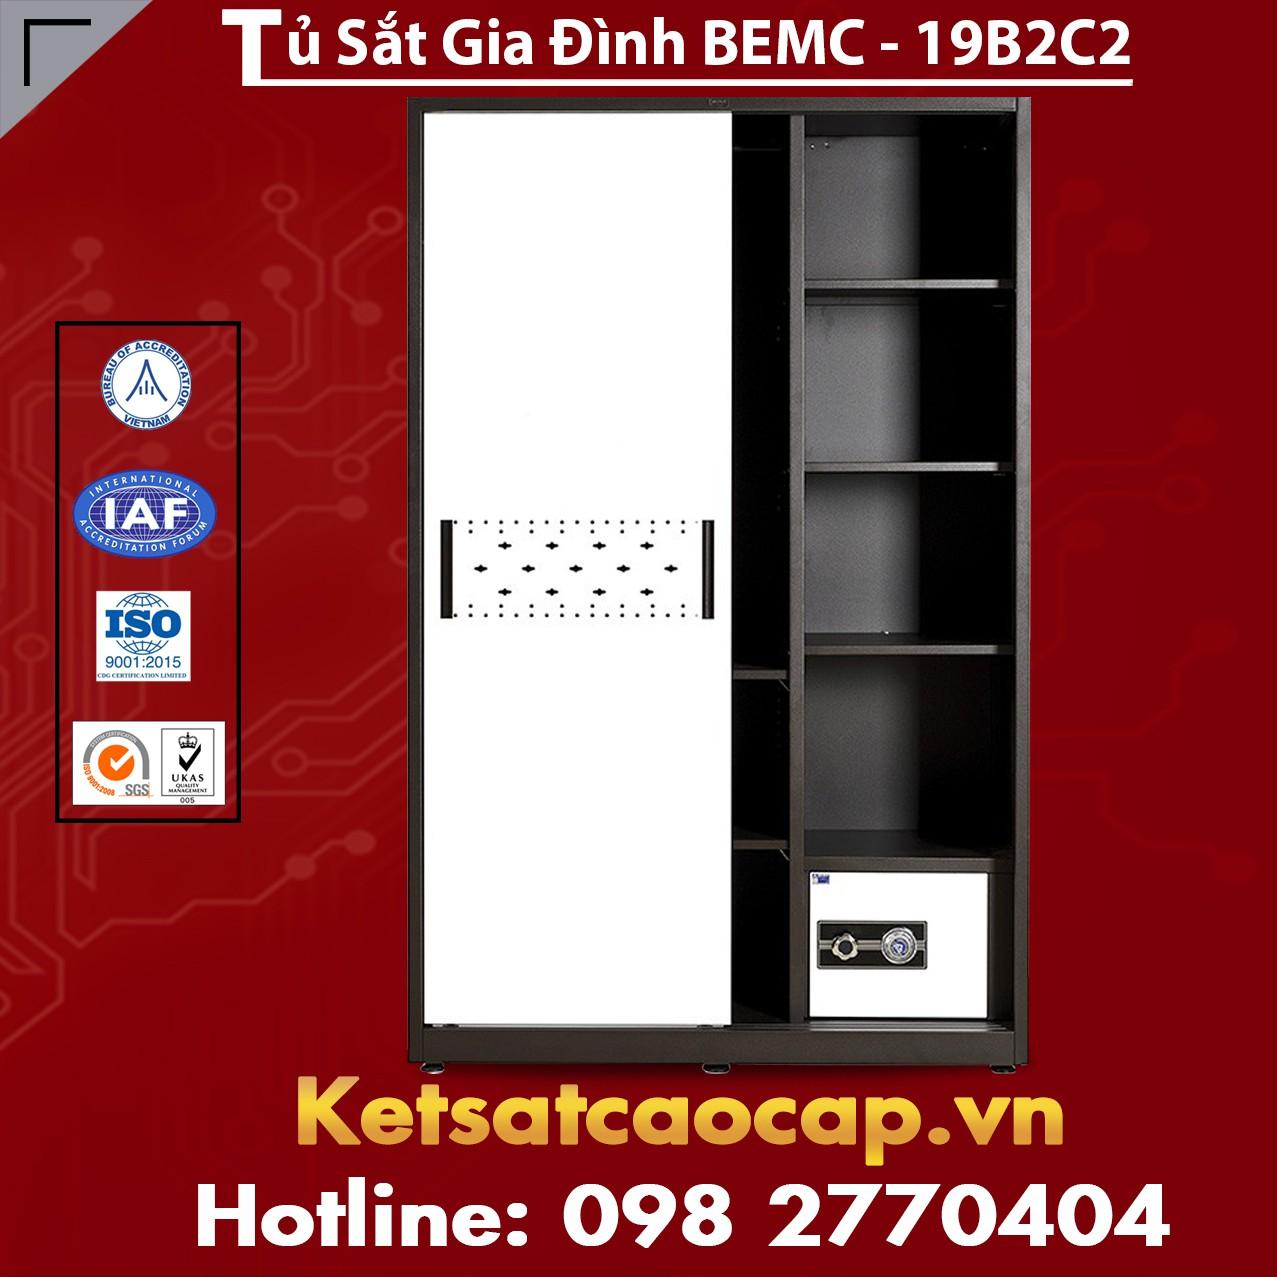 Tủ Sắt Gia Đình BEMC-19B2C2